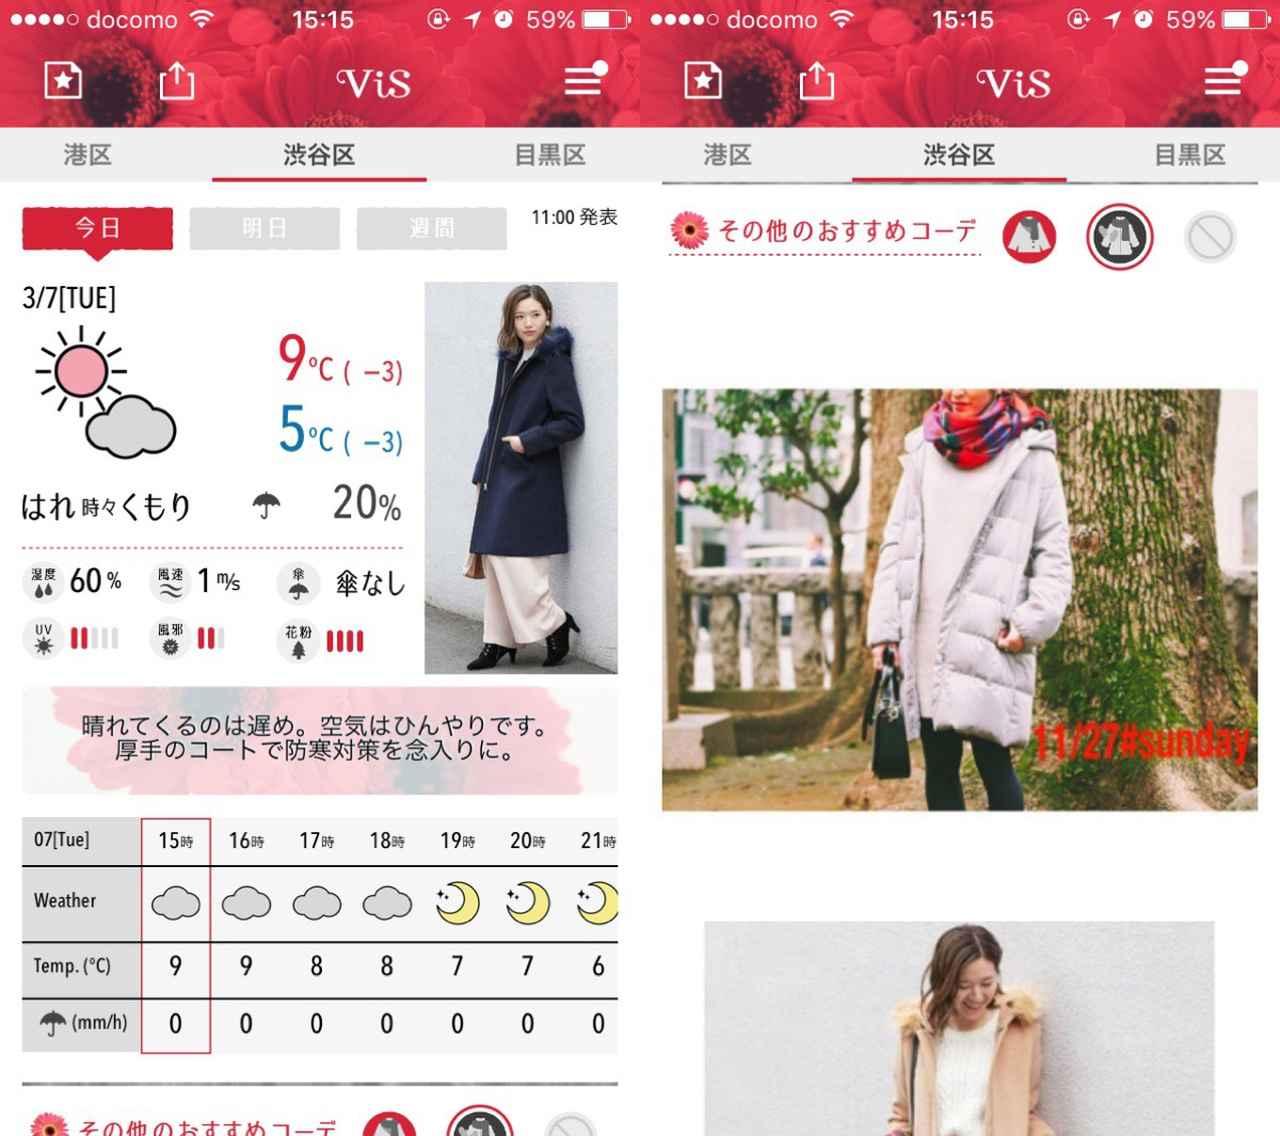 画像1: アプリでお出かけの準備もバッチリ!移動中もアプリ使ってます。